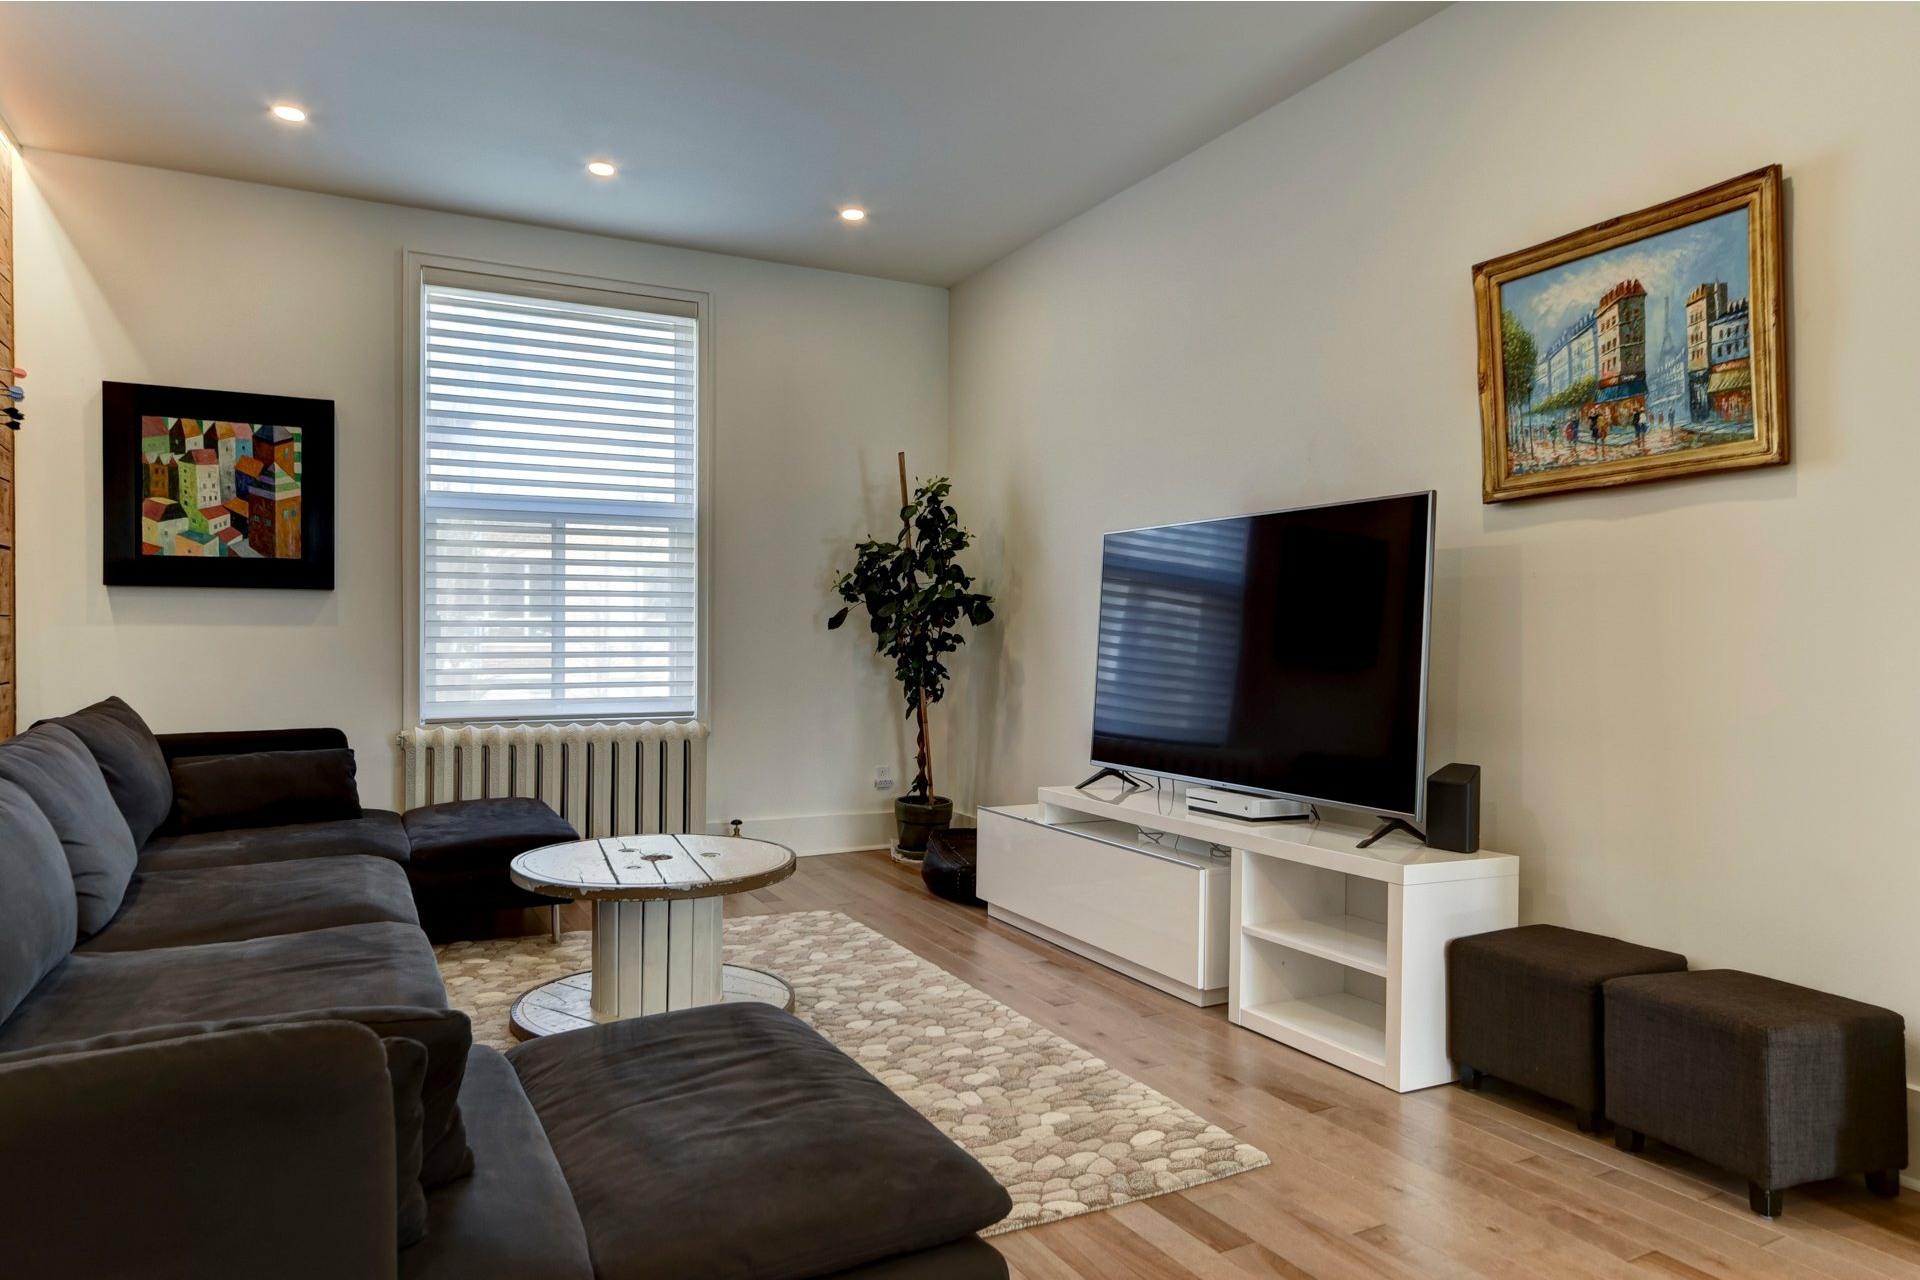 image 2 - Appartement À louer Côte-des-Neiges/Notre-Dame-de-Grâce Montréal  - 10 pièces